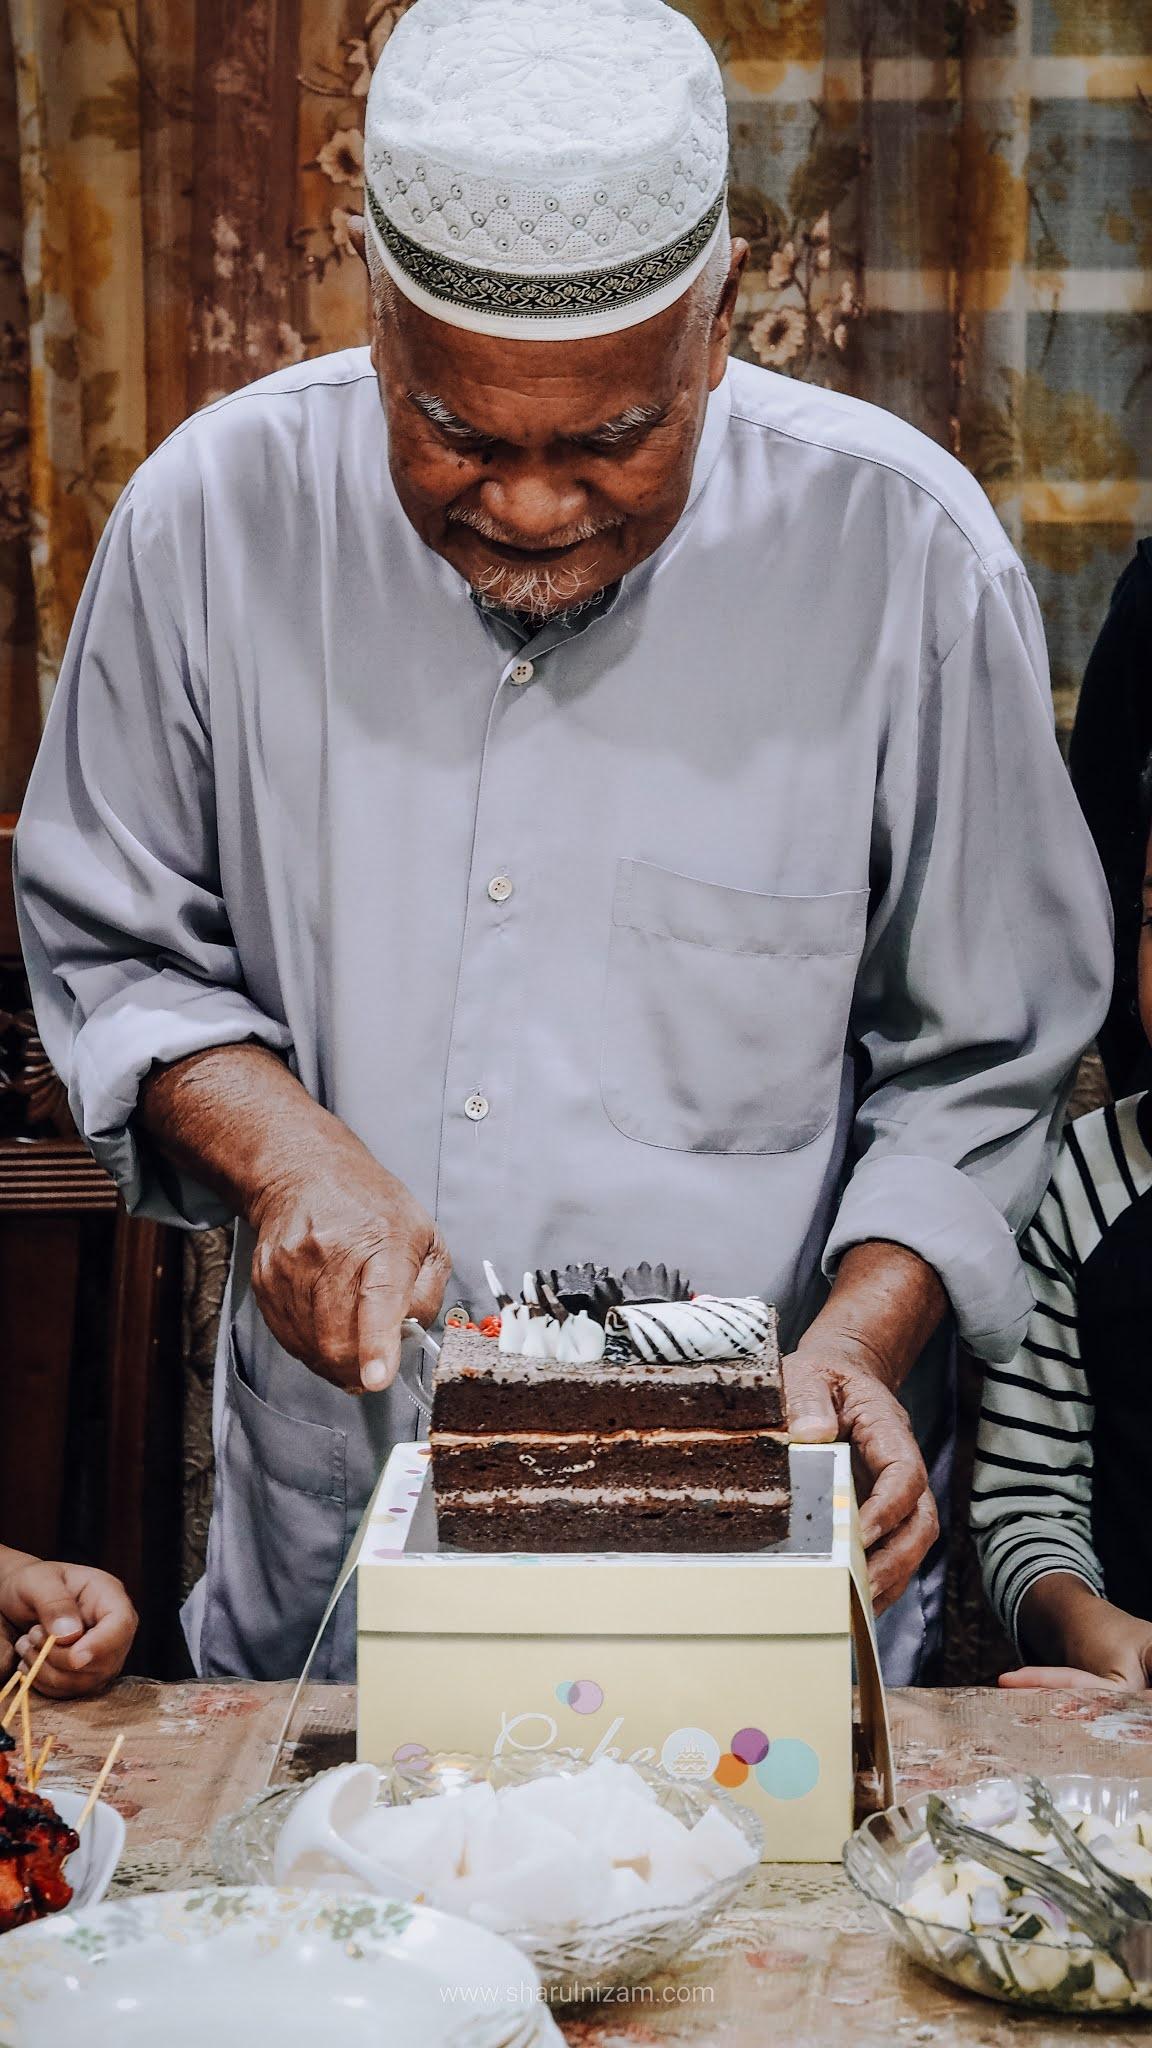 Selamat Hari Jadi Ke-75, Ayahanda Mohamed Yusof Bin Darip